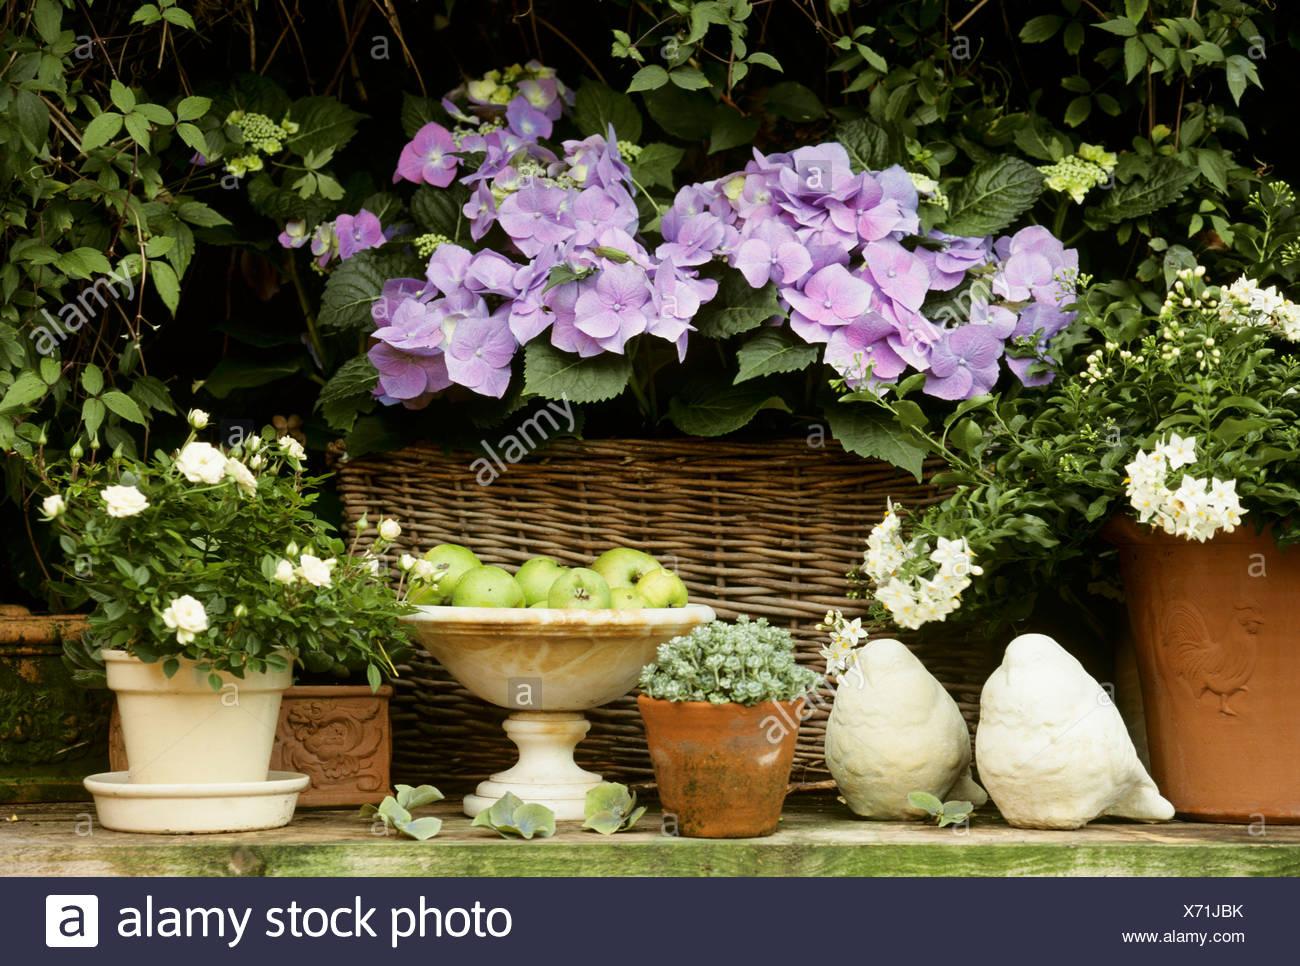 Garden flowers in pots hydrangeas jasmine sedum miniature rose garden flowers in pots hydrangeas jasmine sedum miniature rose altavistaventures Images